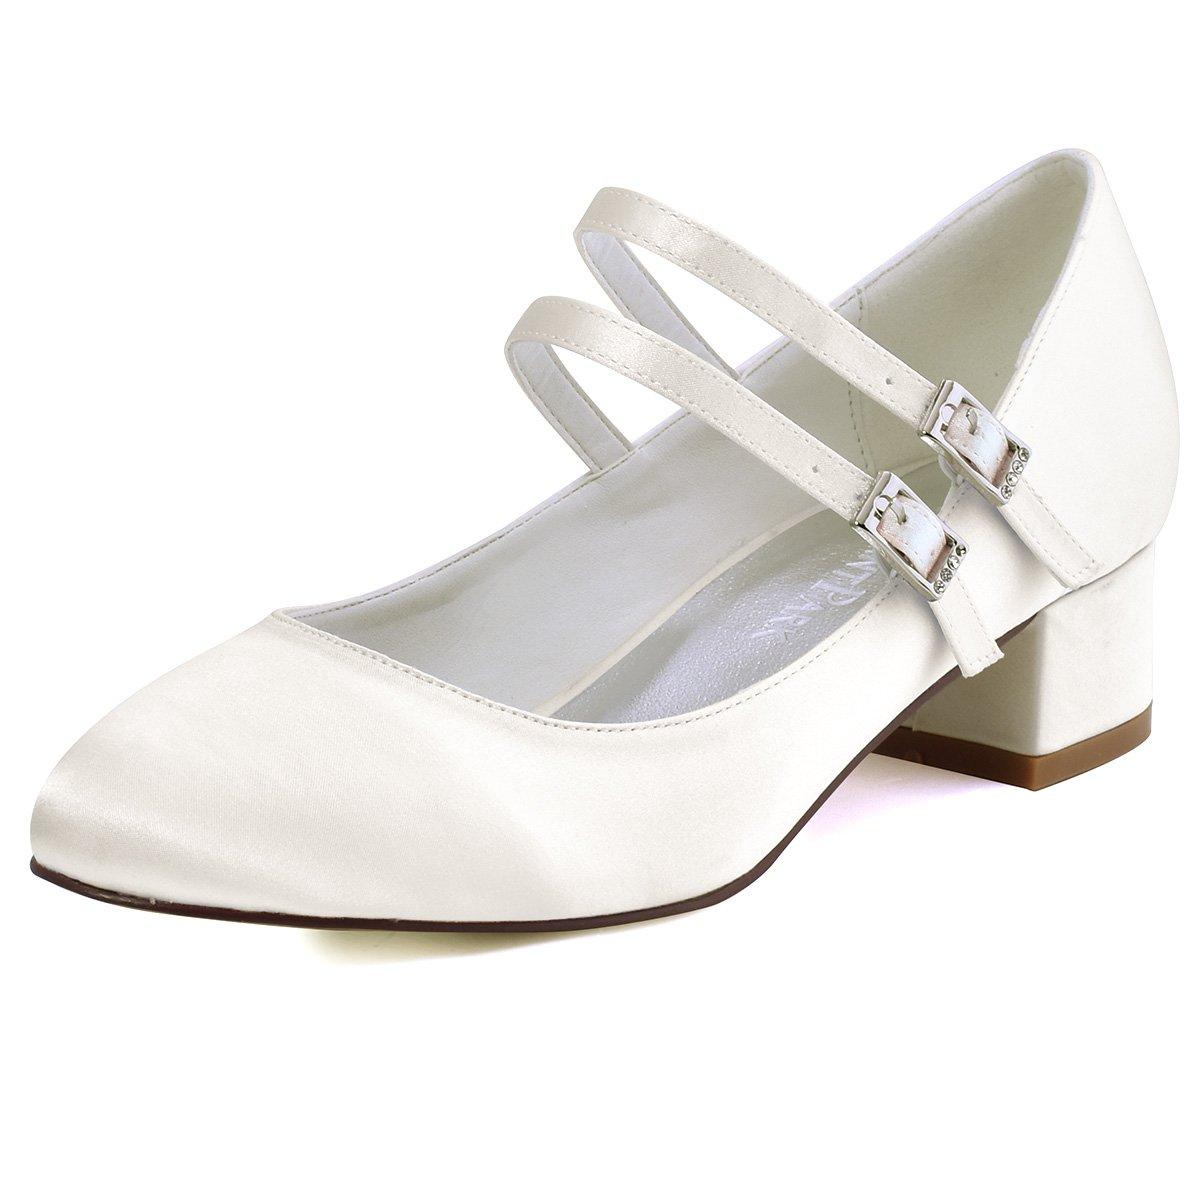 ElegantPark Femmes Fermé B00B78EGAE Toe Bloc Talon Mary Jane Femmes Fermé Pompes Satin Chaussures de Mariage Soirée Ivoire 7d3eb00 - automaticcouplings.space